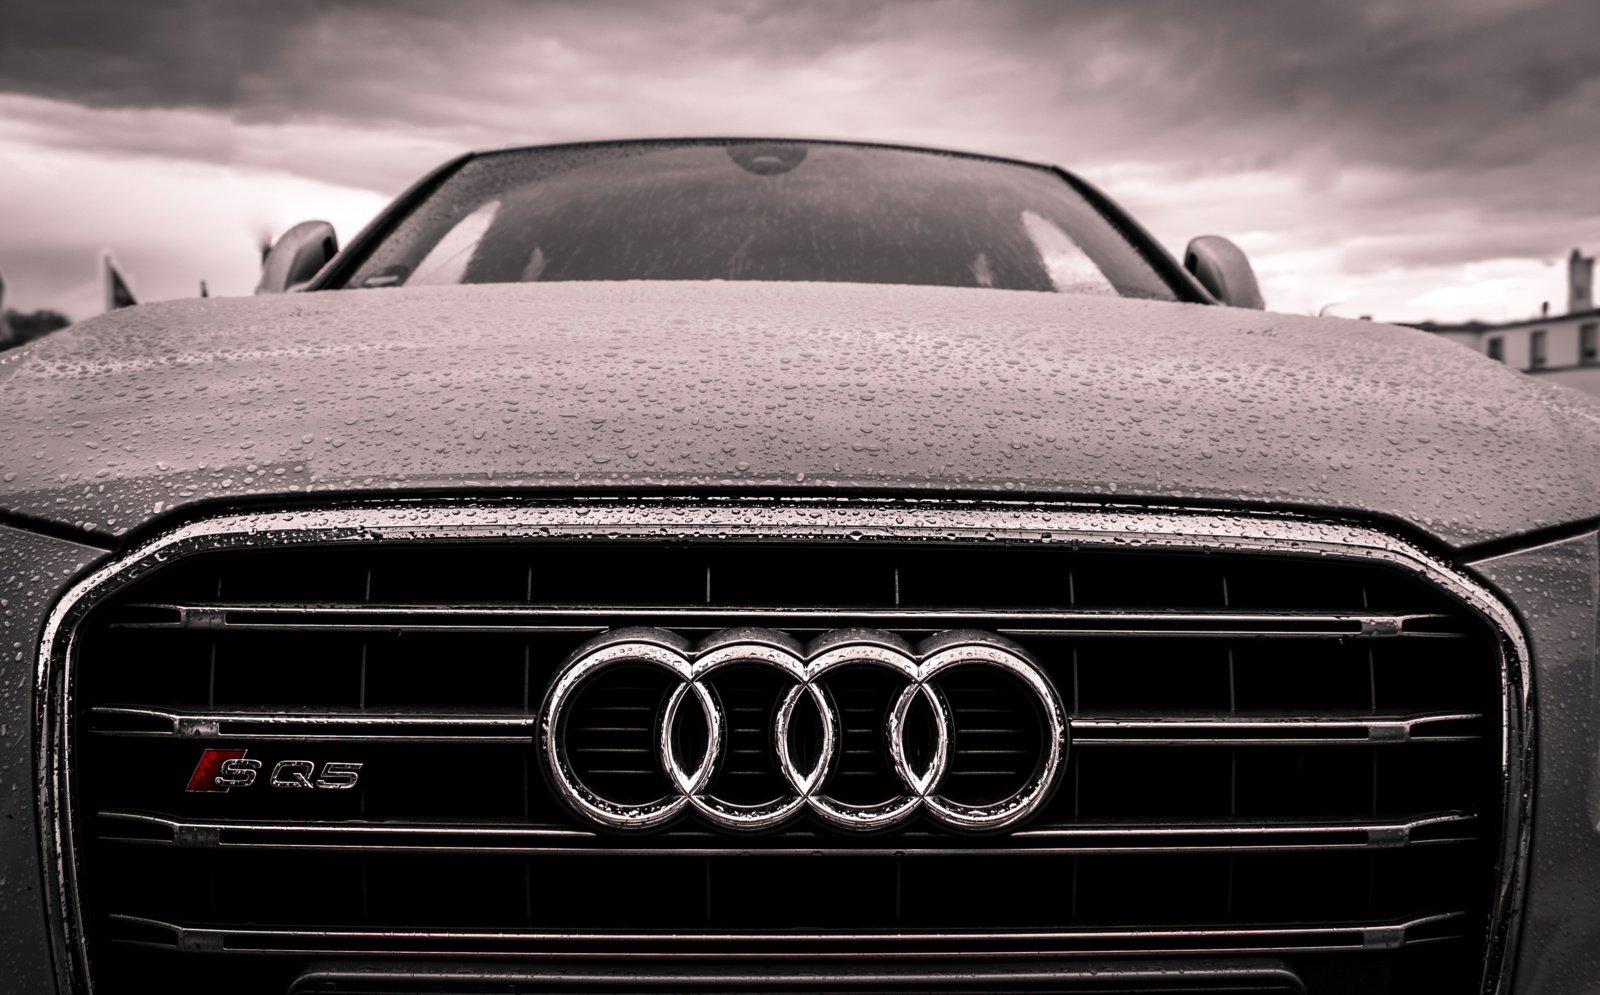 Marijampolėje rasti vogti automobilių kėbulai